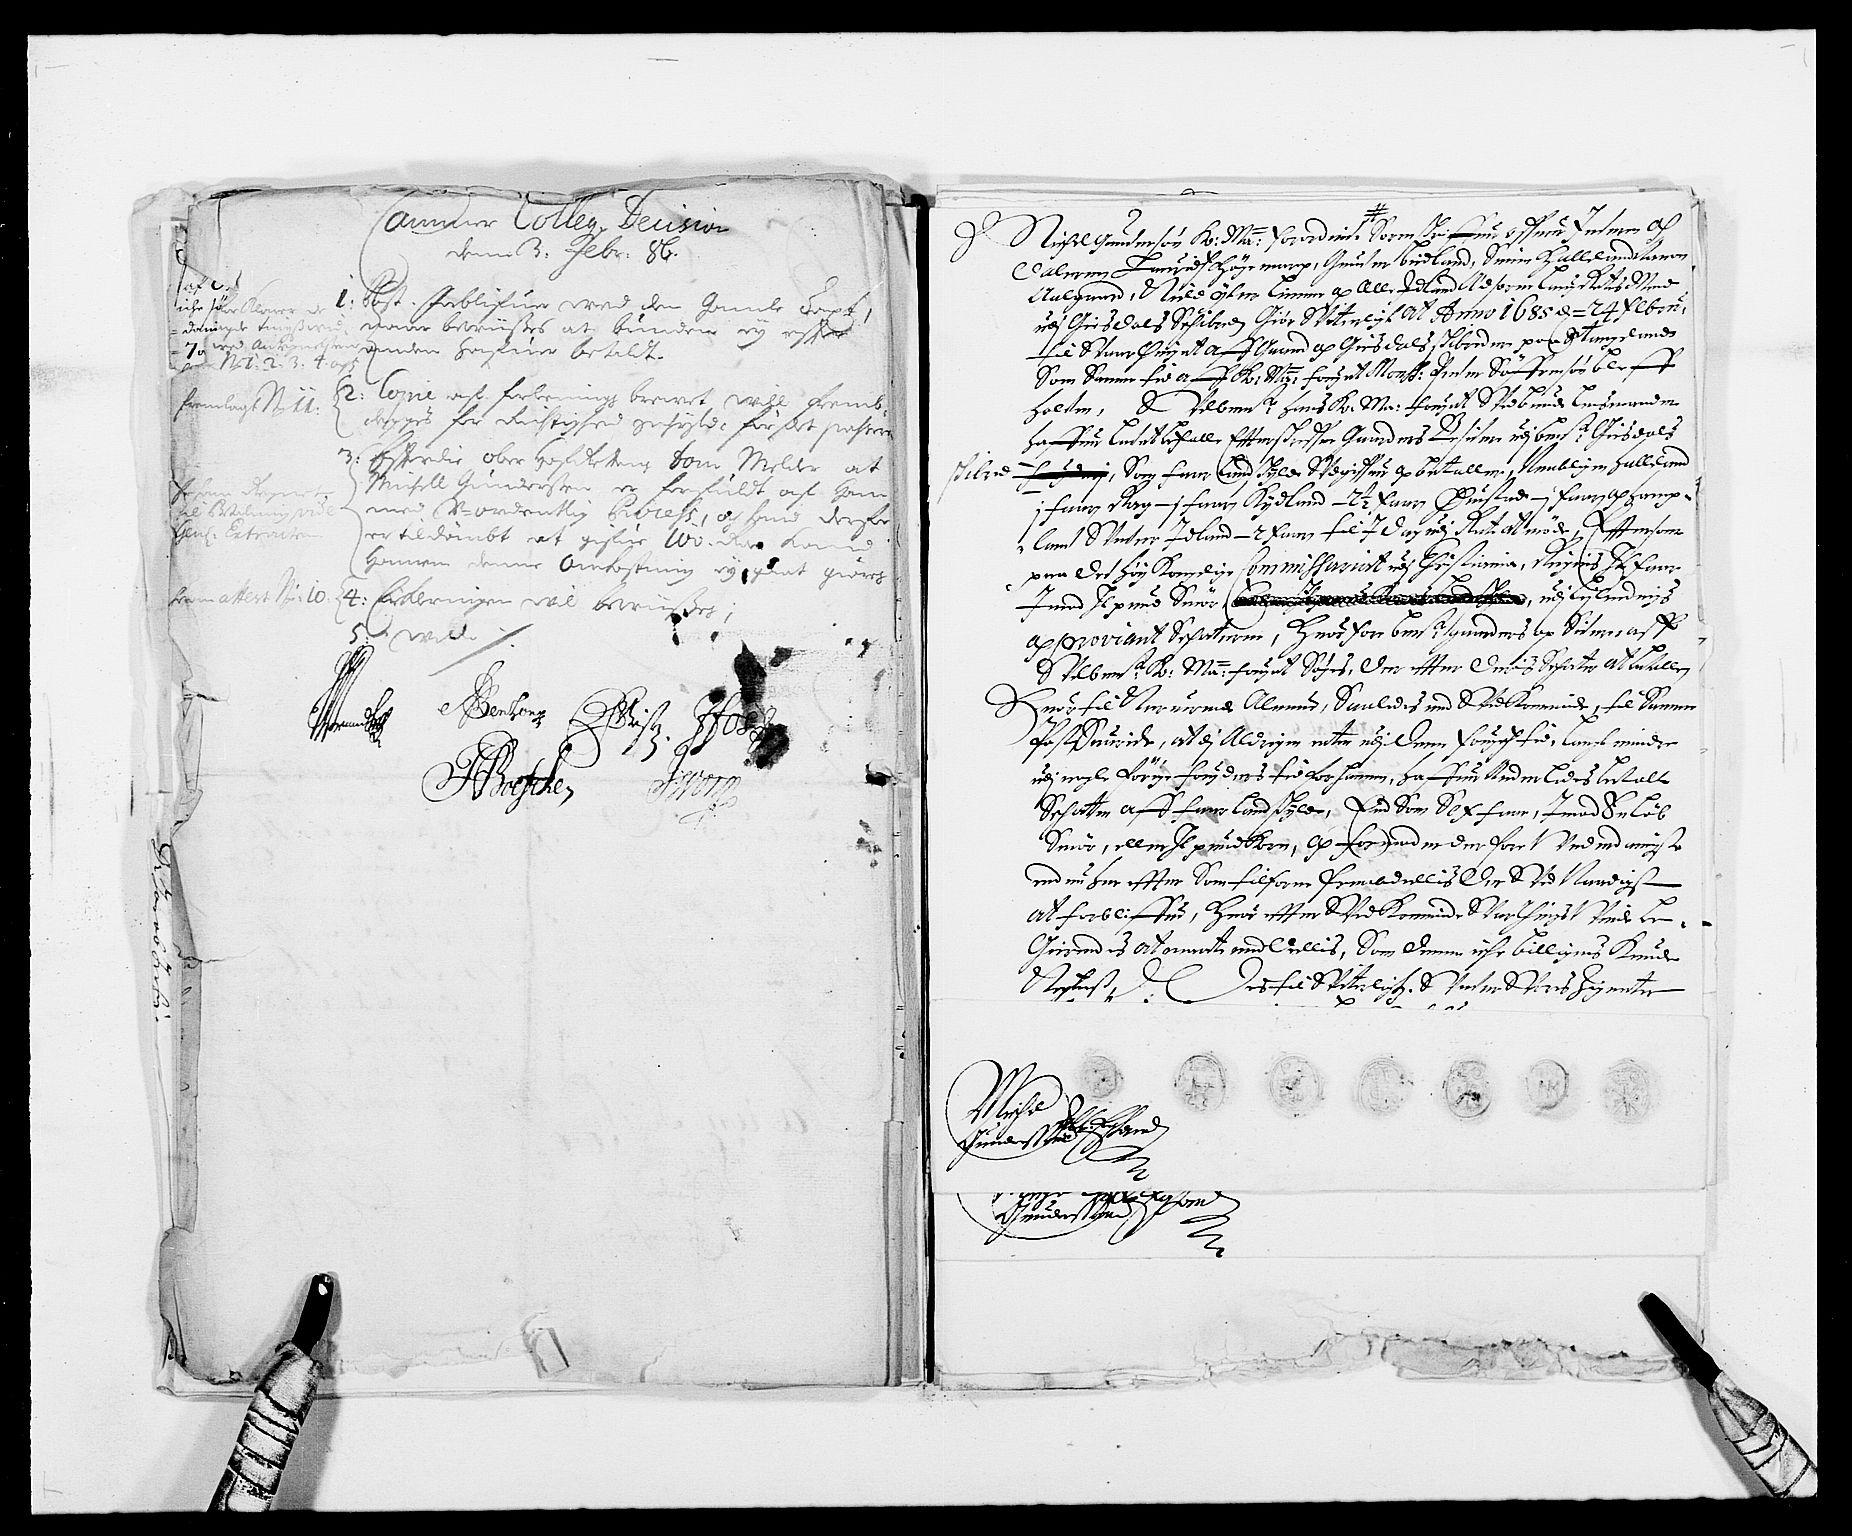 RA, Rentekammeret inntil 1814, Reviderte regnskaper, Fogderegnskap, R46/L2724: Fogderegnskap Jæren og Dalane, 1682-1684, s. 313